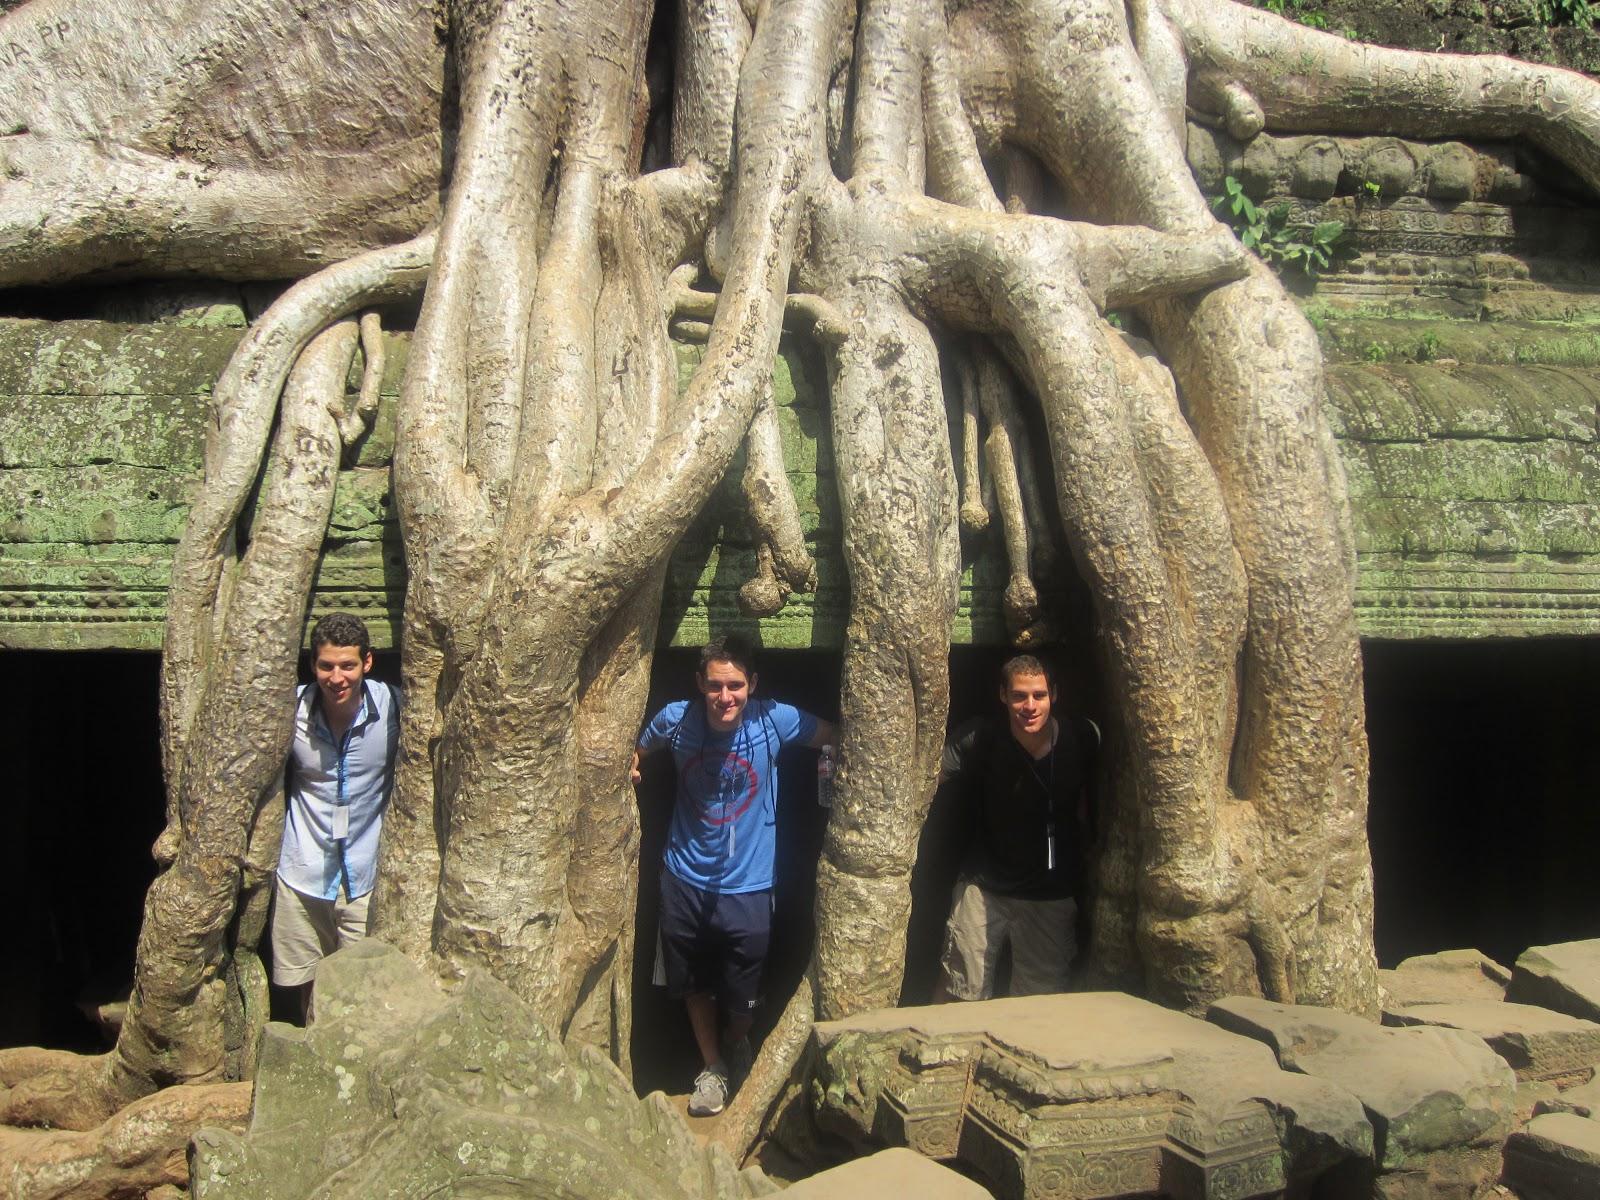 Bangkok has him now siem reap legends of the hidden temple